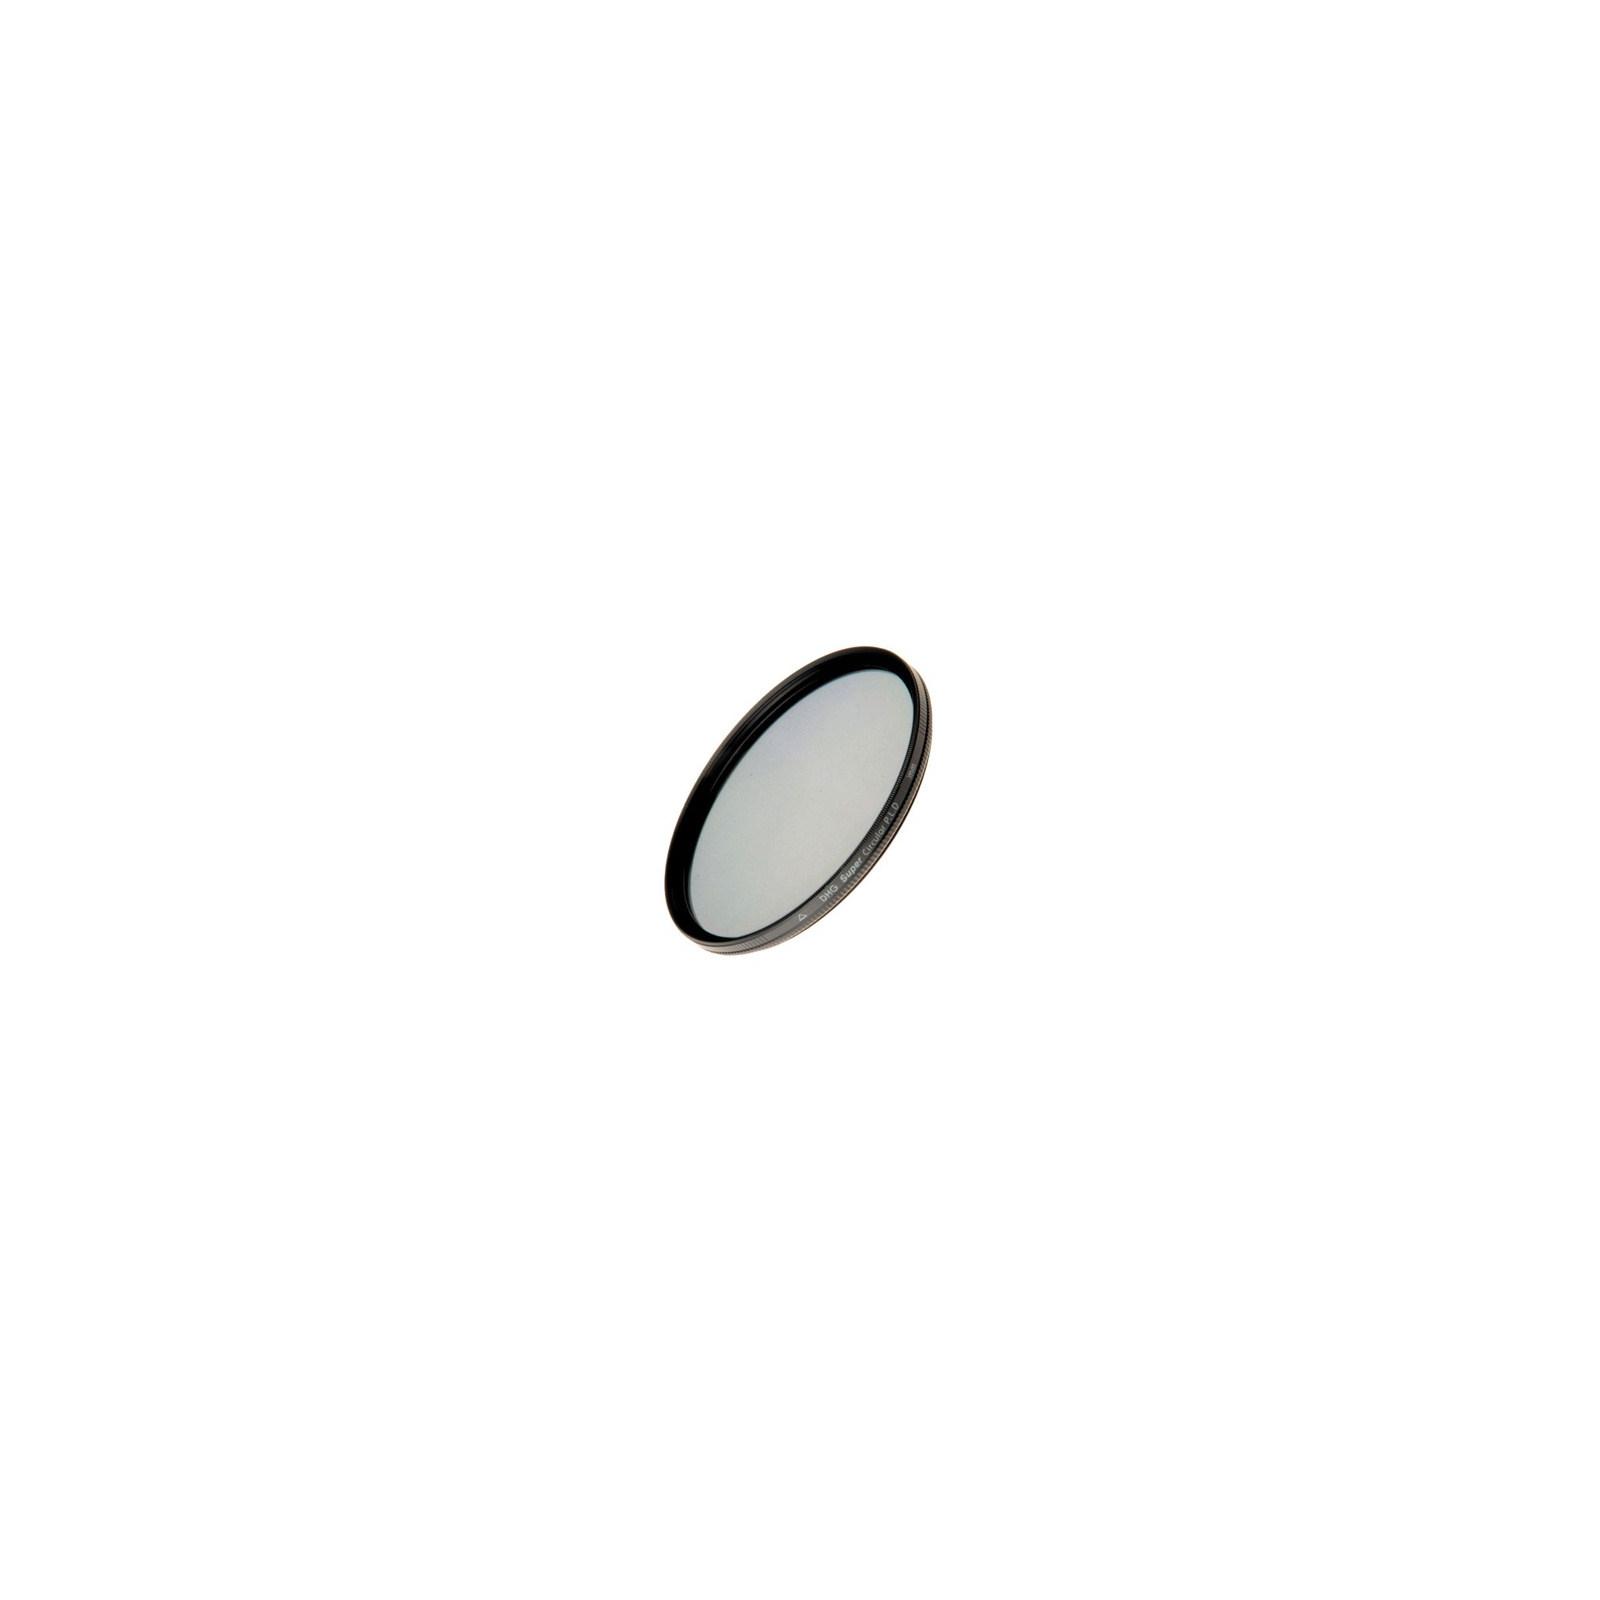 Светофильтр Marumi DHG Super Circular PL(D) 62mm